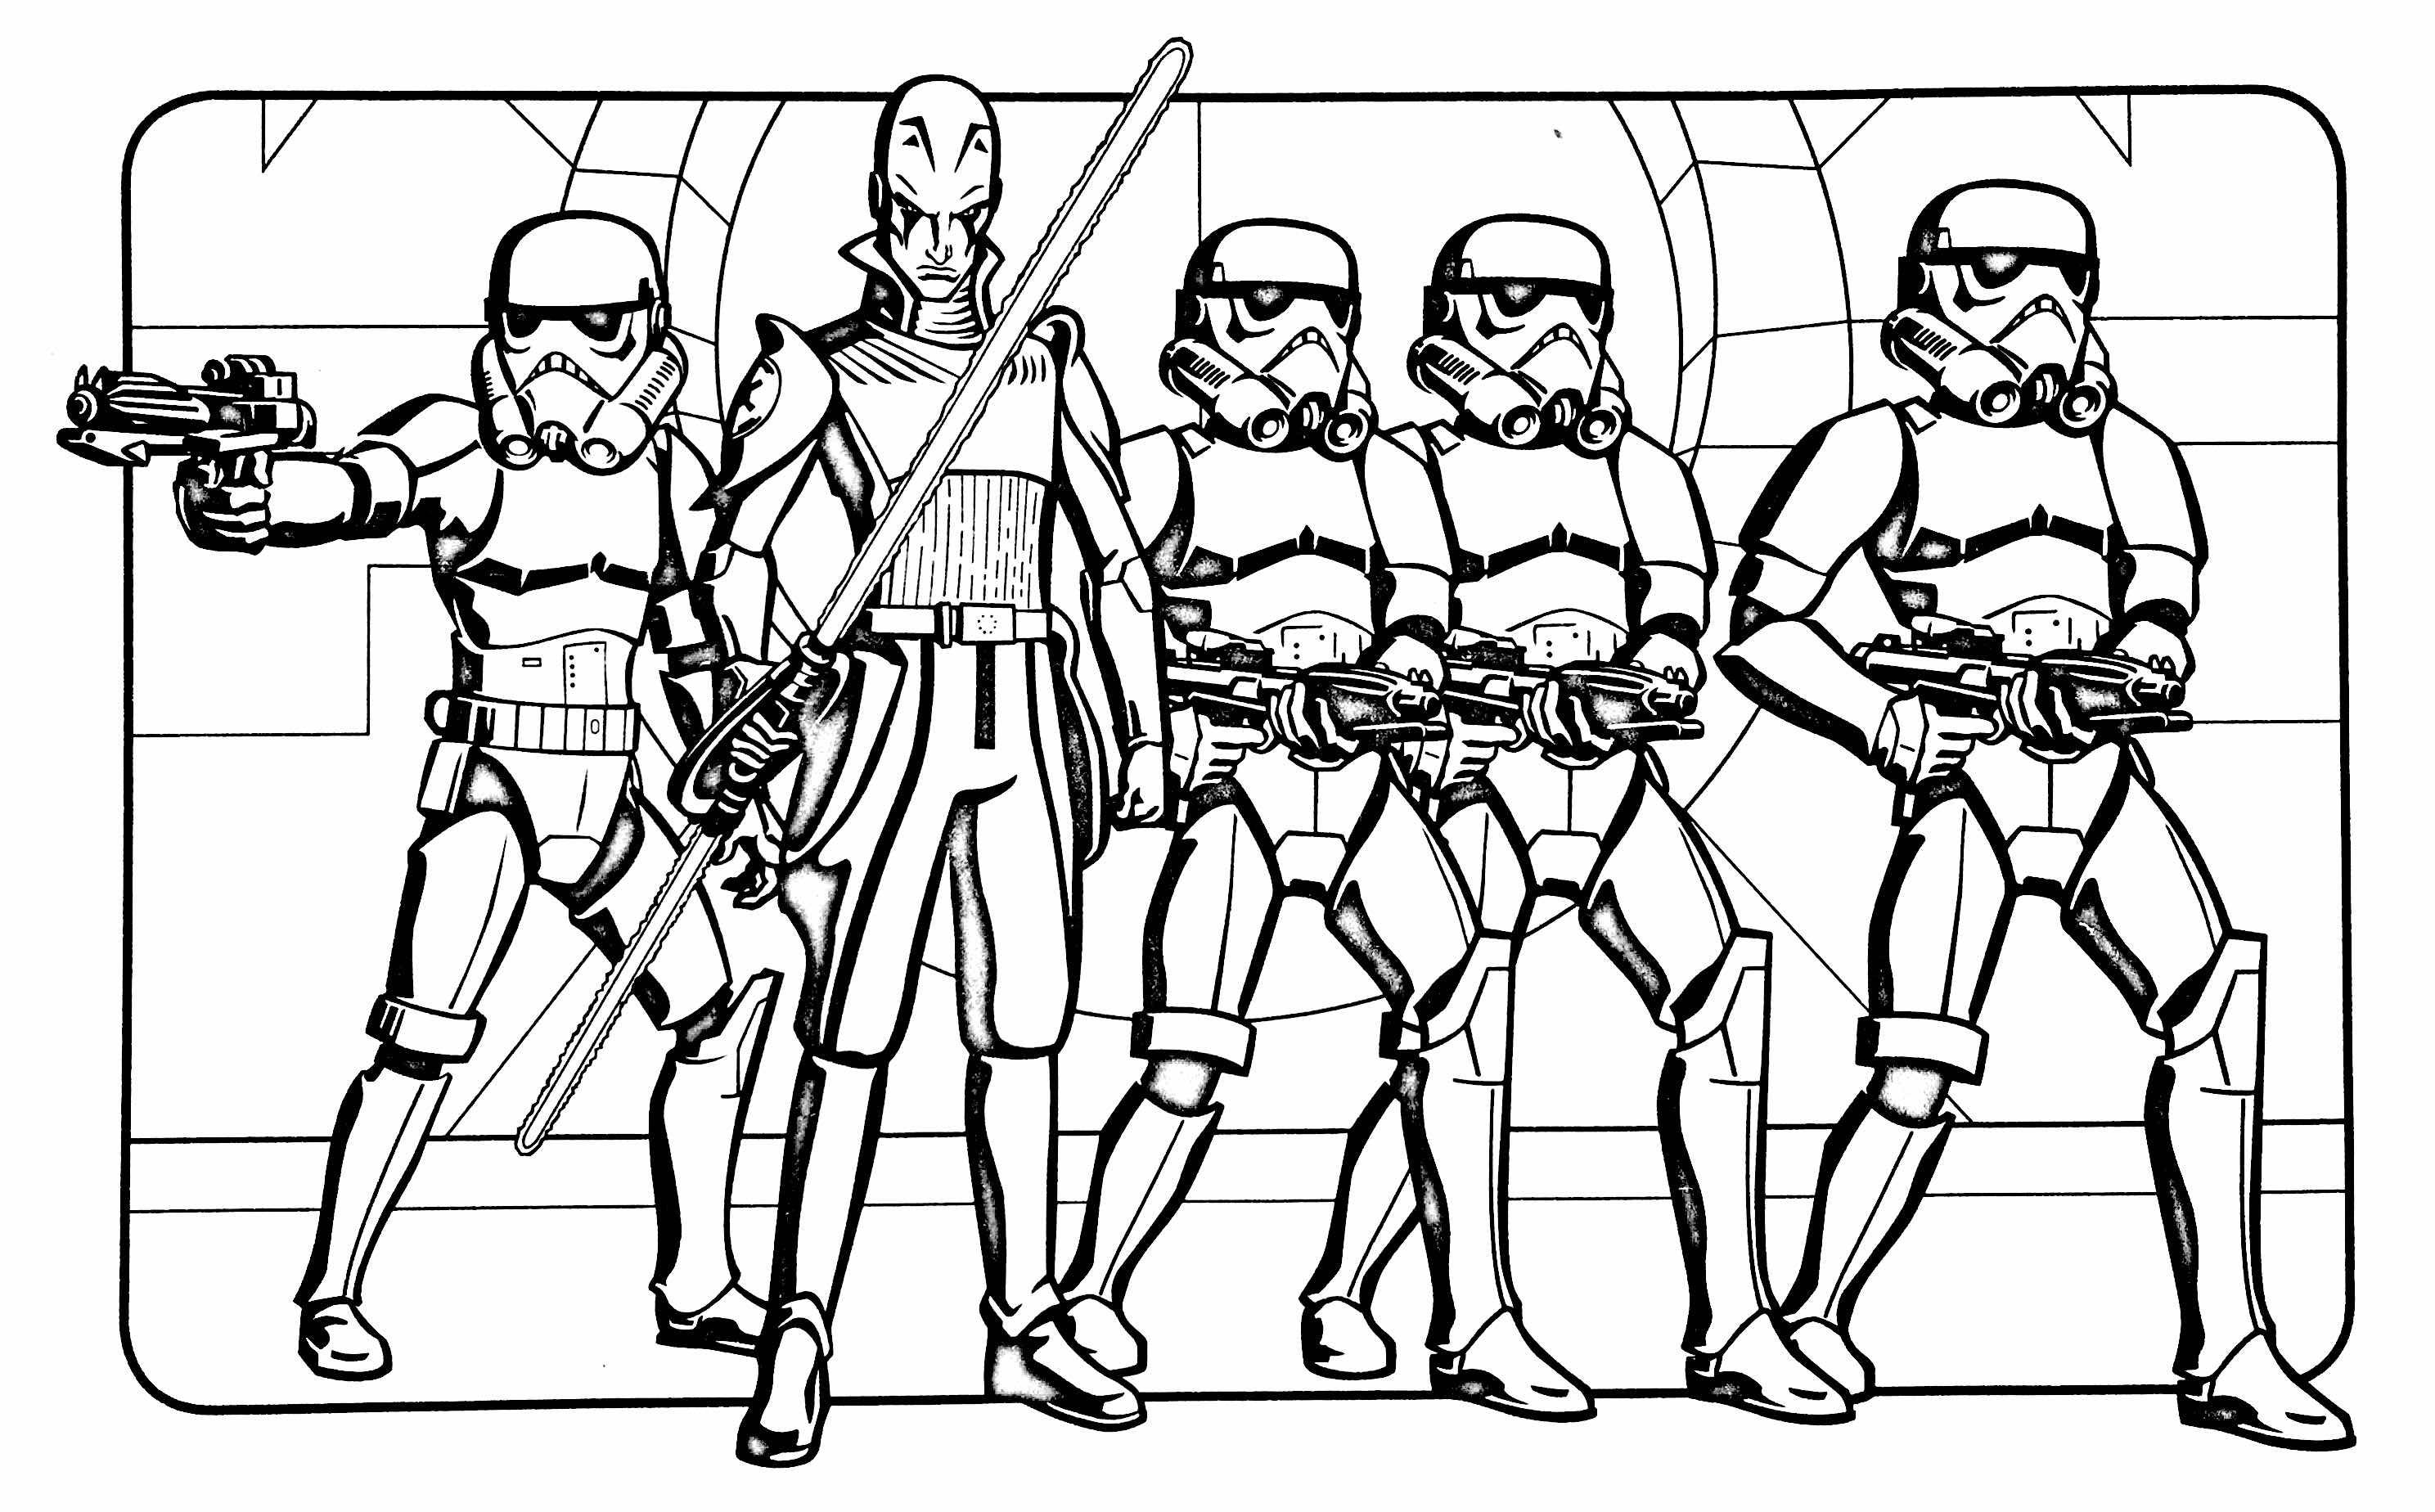 2976x1848 Image Result For Star Wars Rebels Coloring Star Wars Rebels